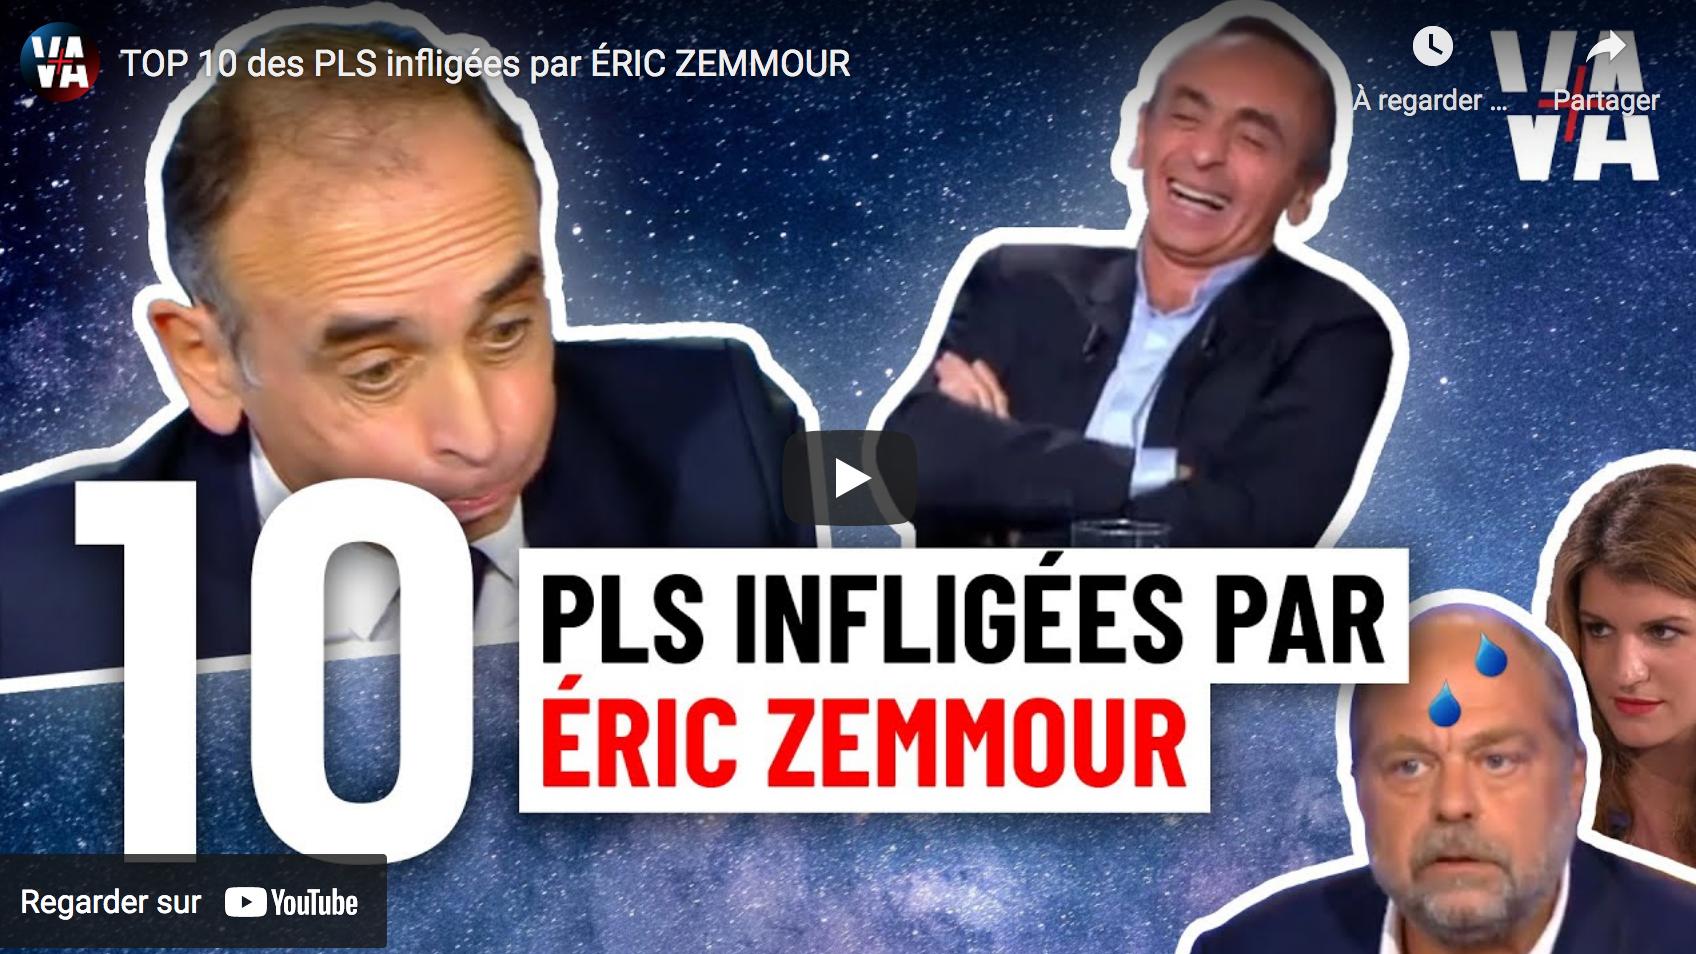 TOP 10 des PLS infligées par Éric Zemmour (VIDÉO)